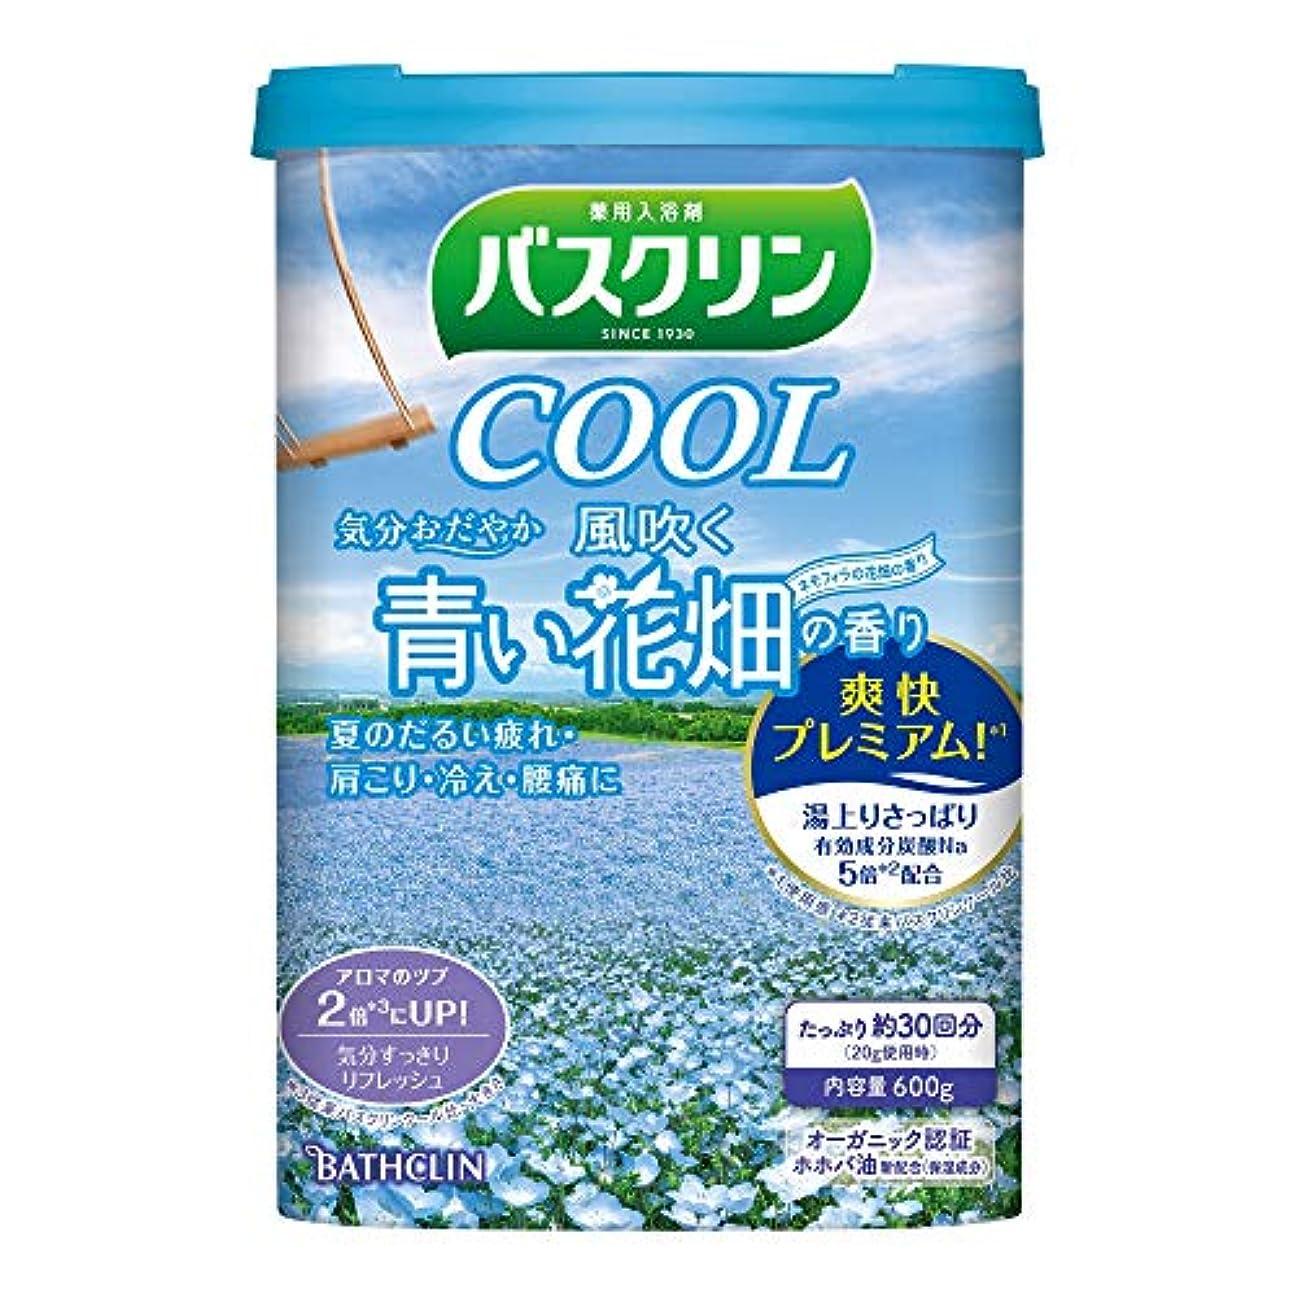 下に向けます貸す変色する【医薬部外品】バスクリンクール入浴剤 風吹く青い花畑の香り600g クール入浴剤 すっきりさわやか